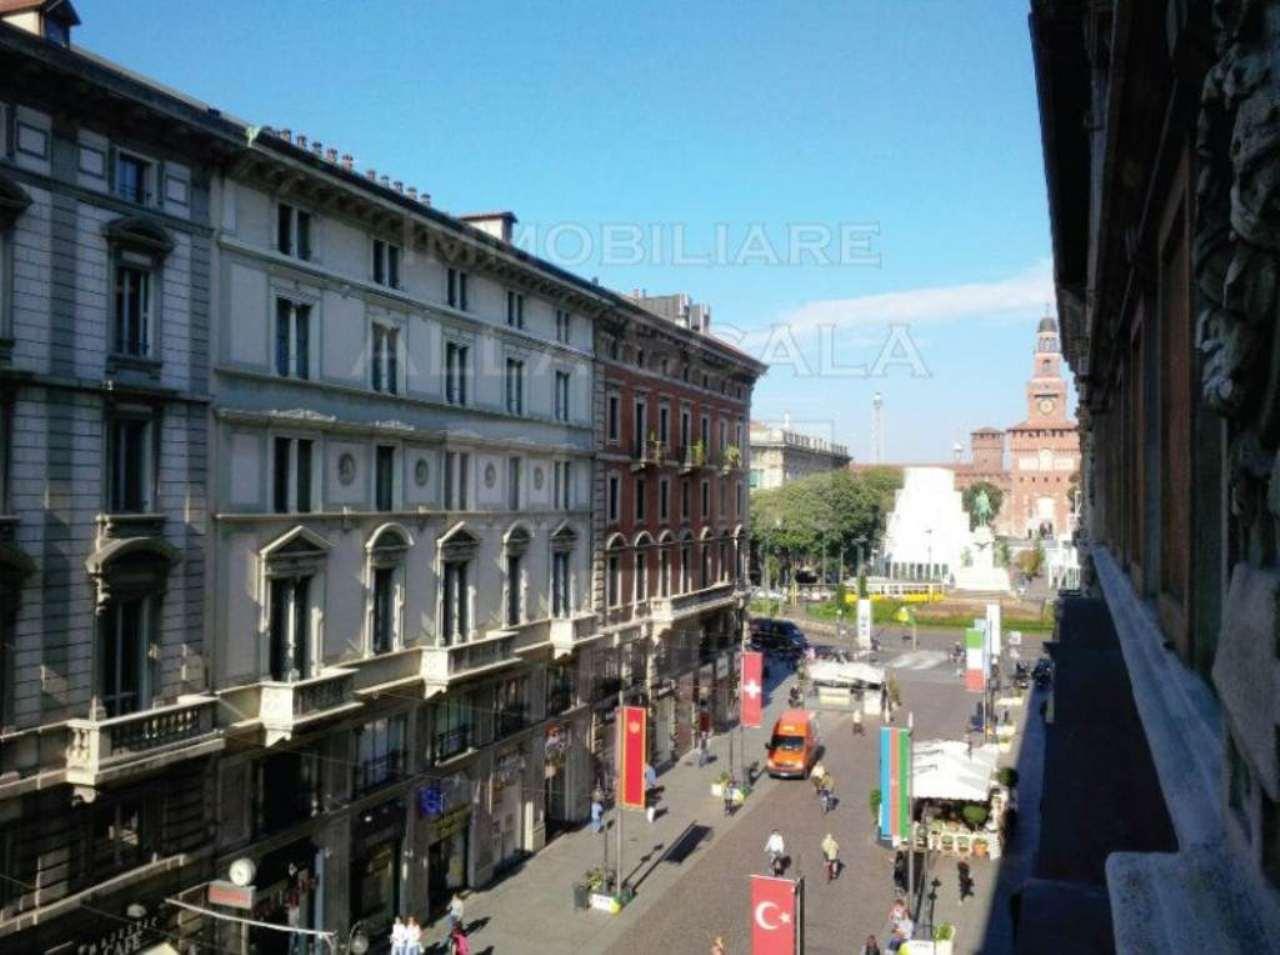 Ufficio / Studio in affitto a Milano, 9 locali, zona Zona: 1 . Centro Storico, Duomo, Brera, Cadorna, Cattolica, prezzo € 8.330 | CambioCasa.it